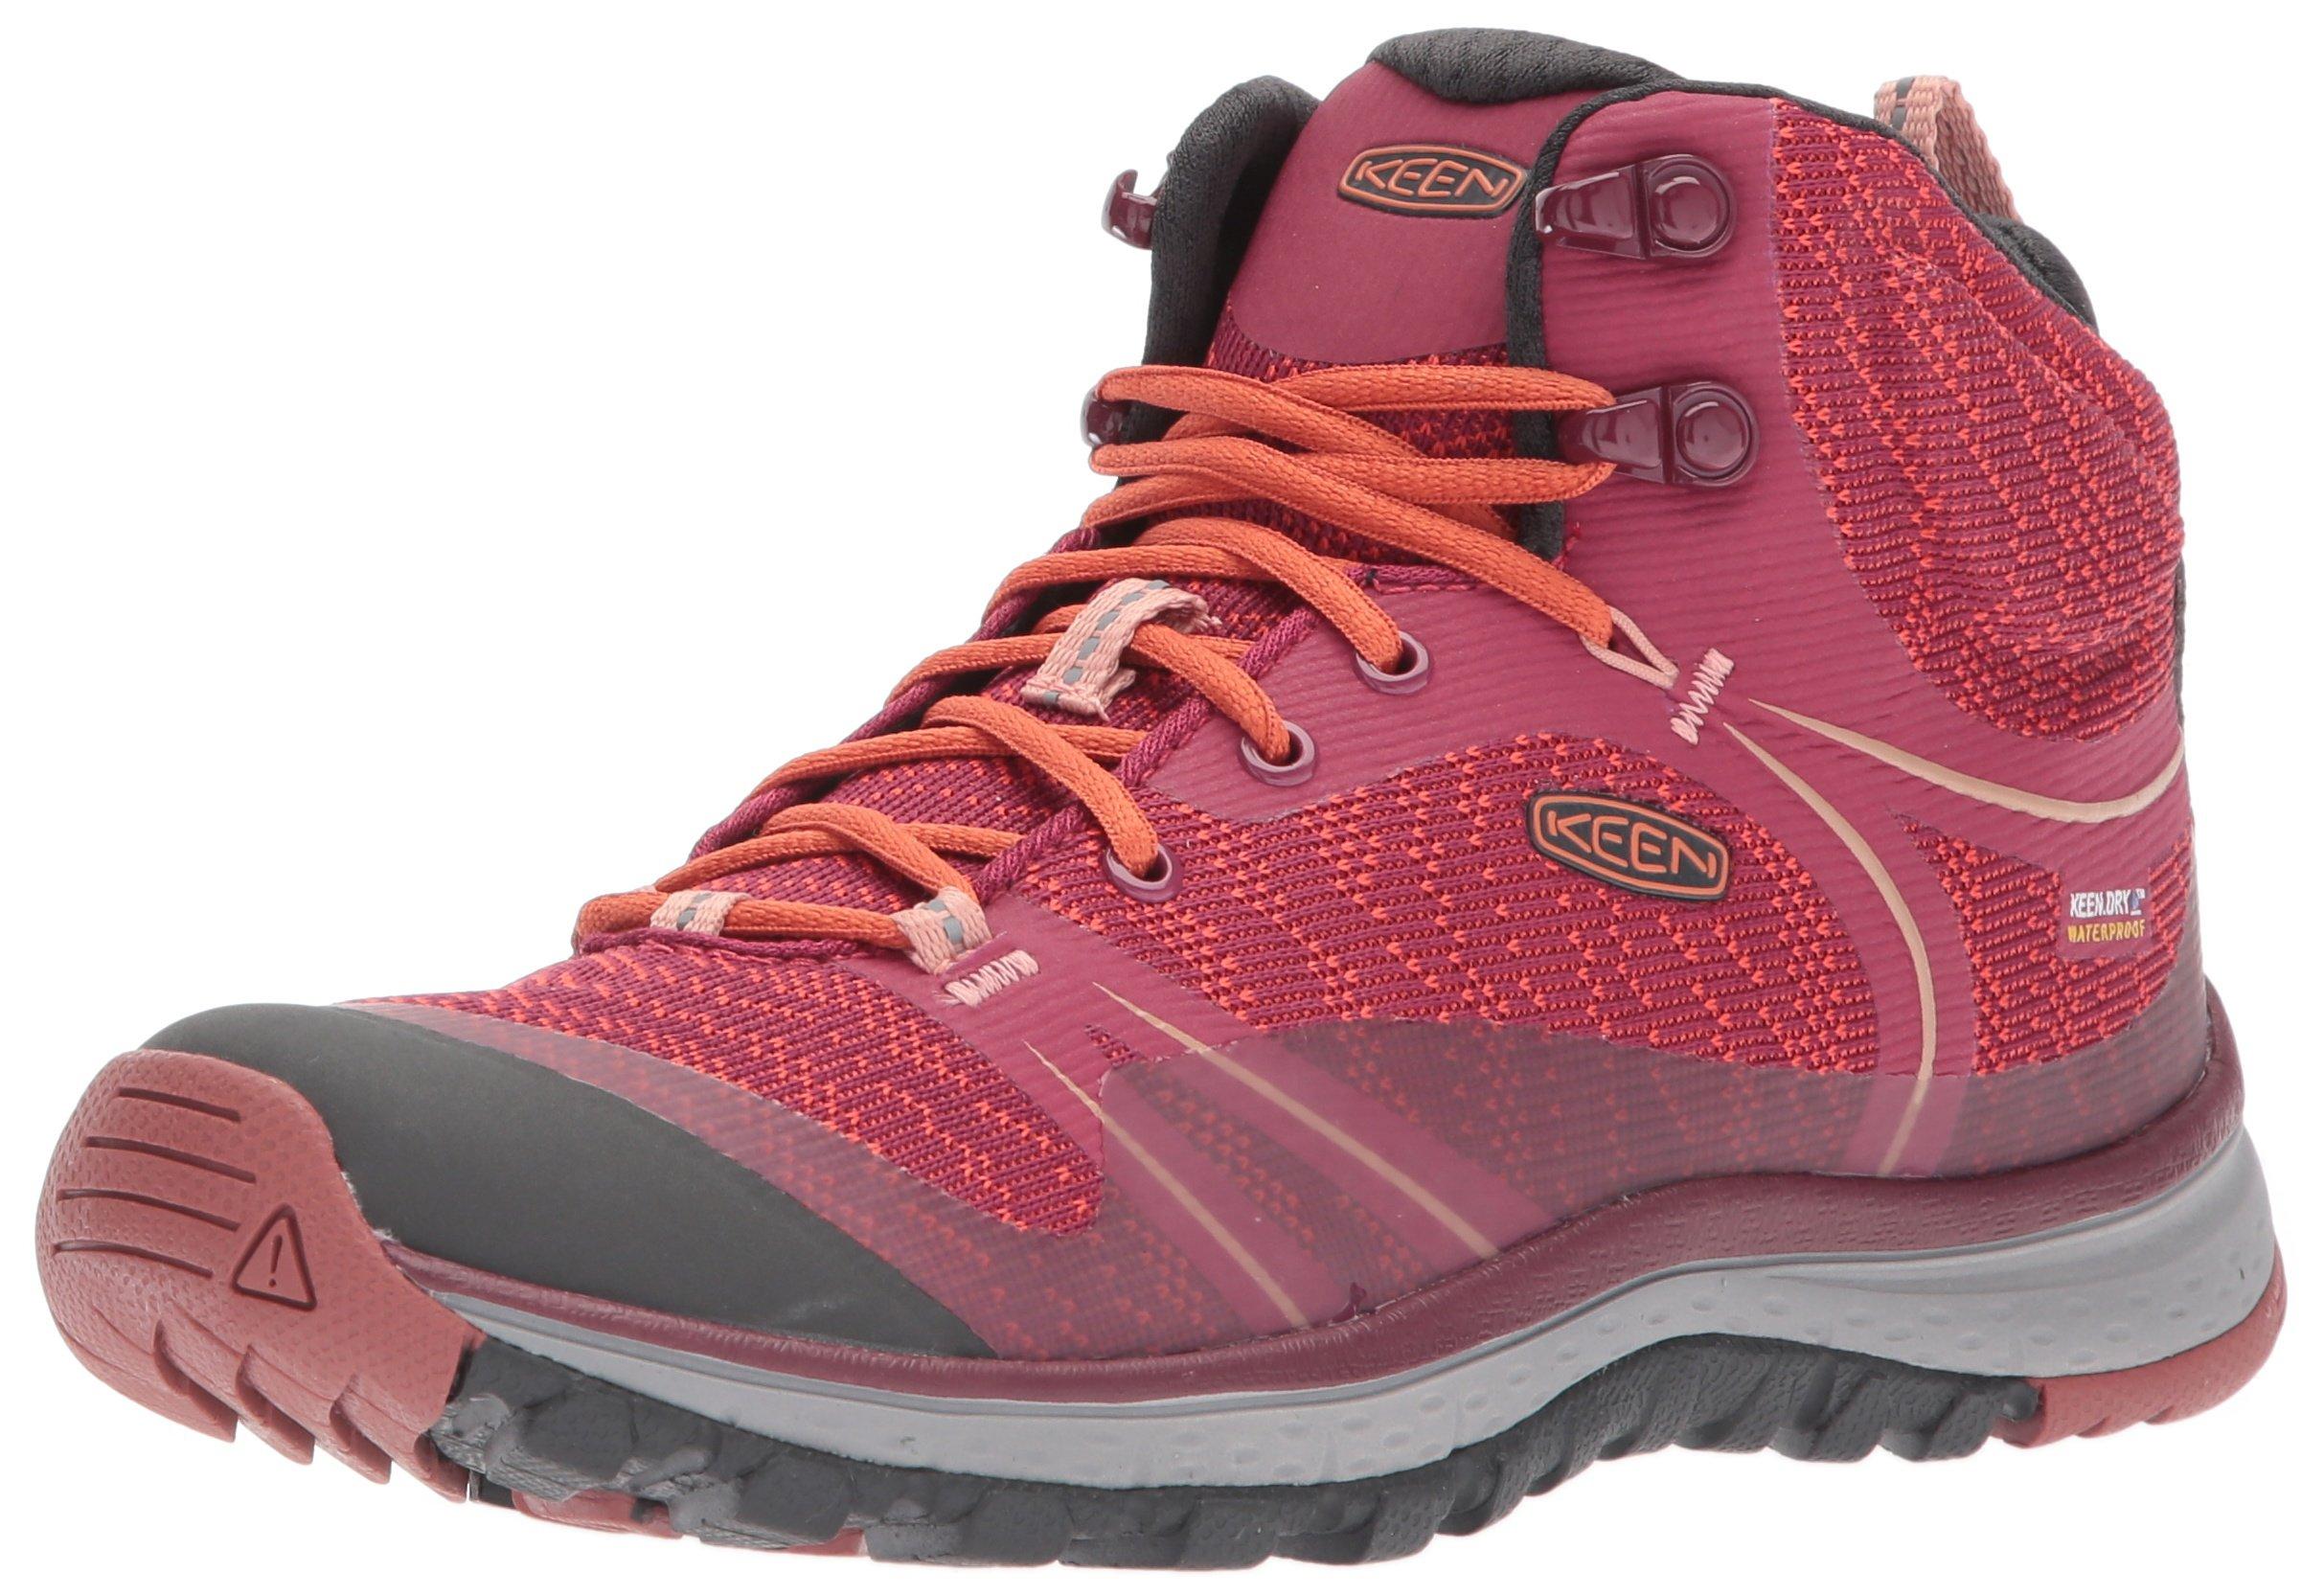 KEEN Women's Terradora Mid Wp-w Hiking Shoe, Rhododendron/Marsala, 5 M US